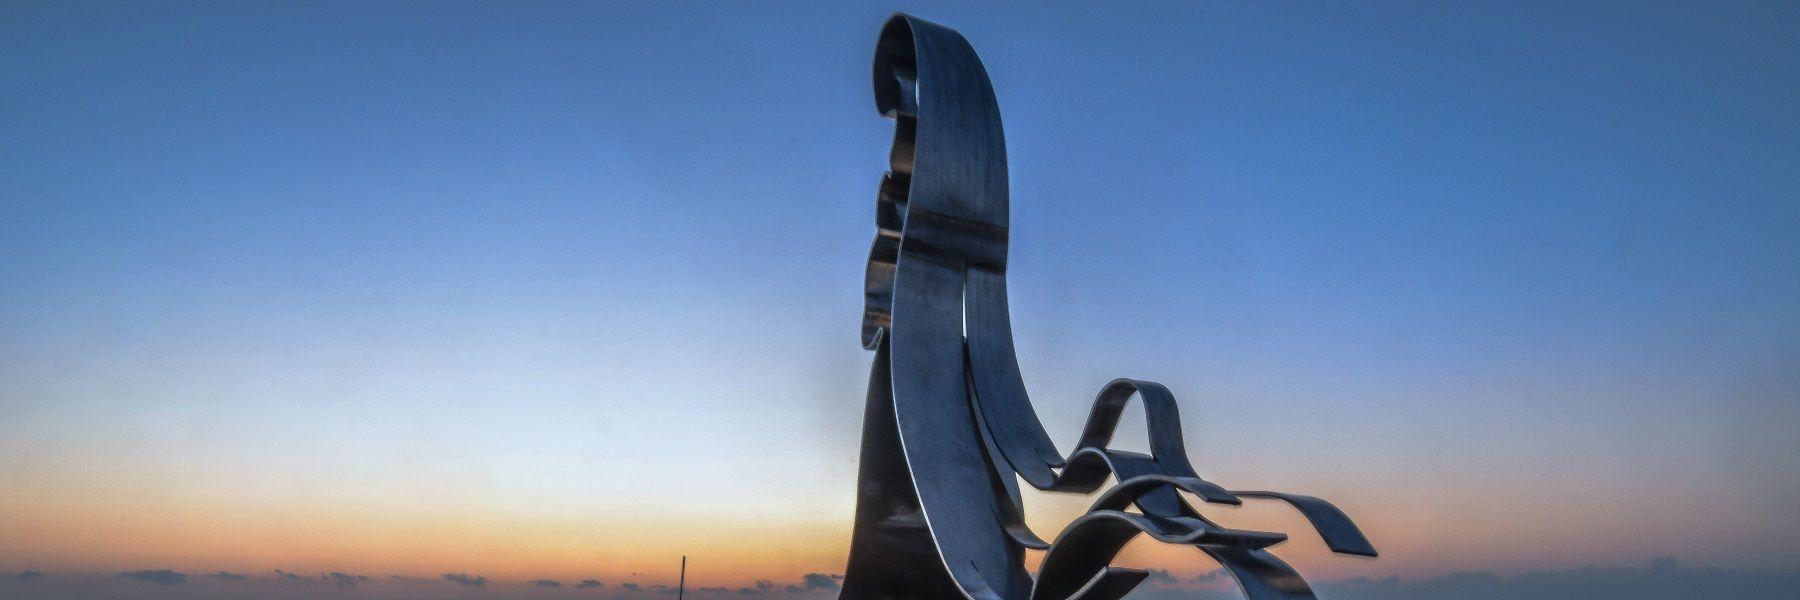 Statue de Notre-dame de la mer